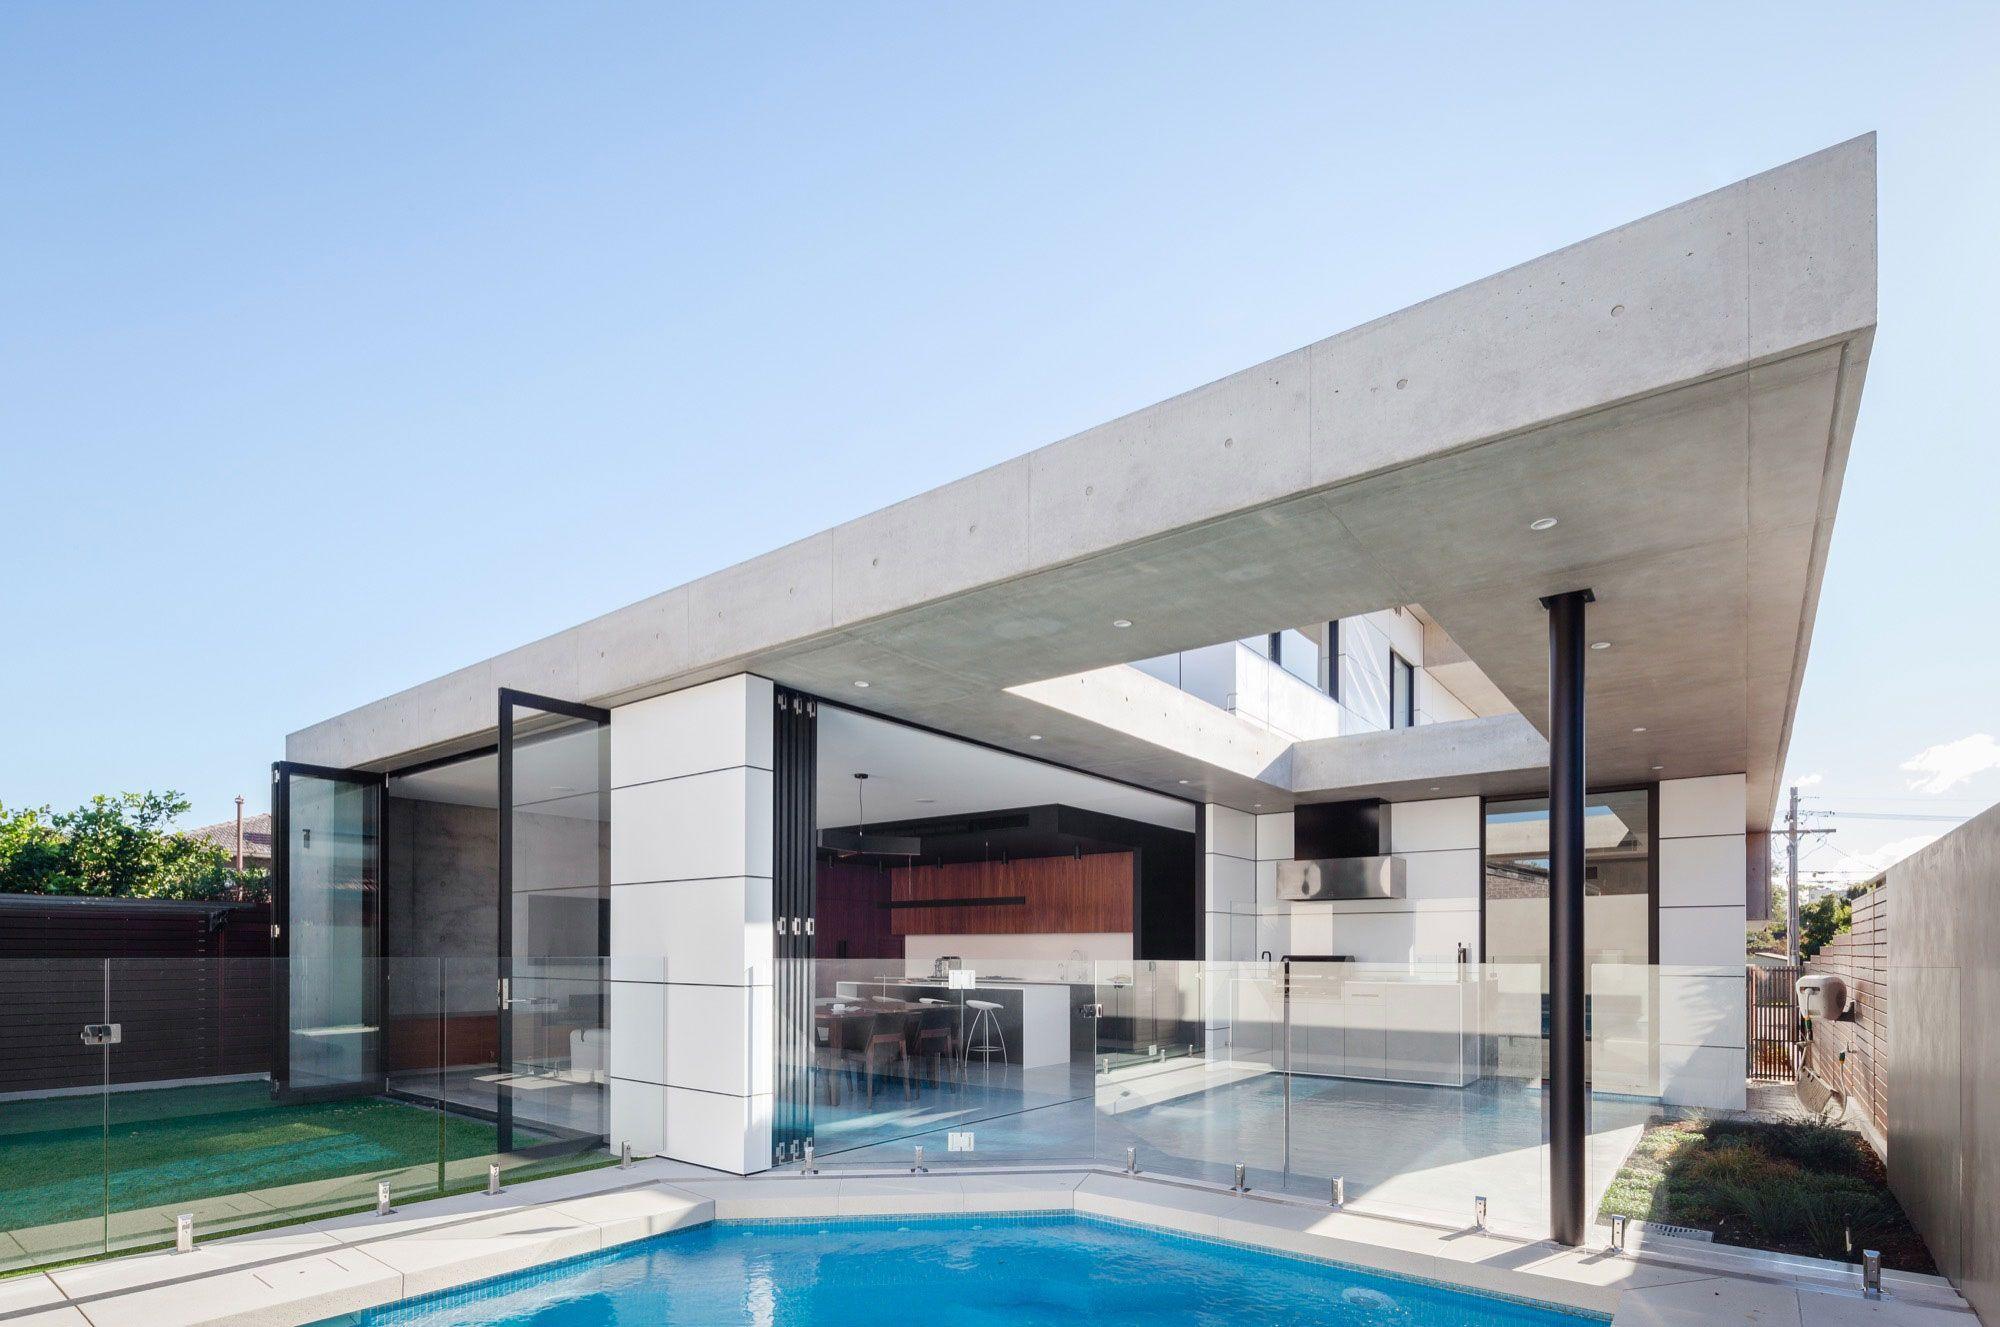 Studio Benicio entwirft ein offenes zeitgenössisches Haus in Concord ...